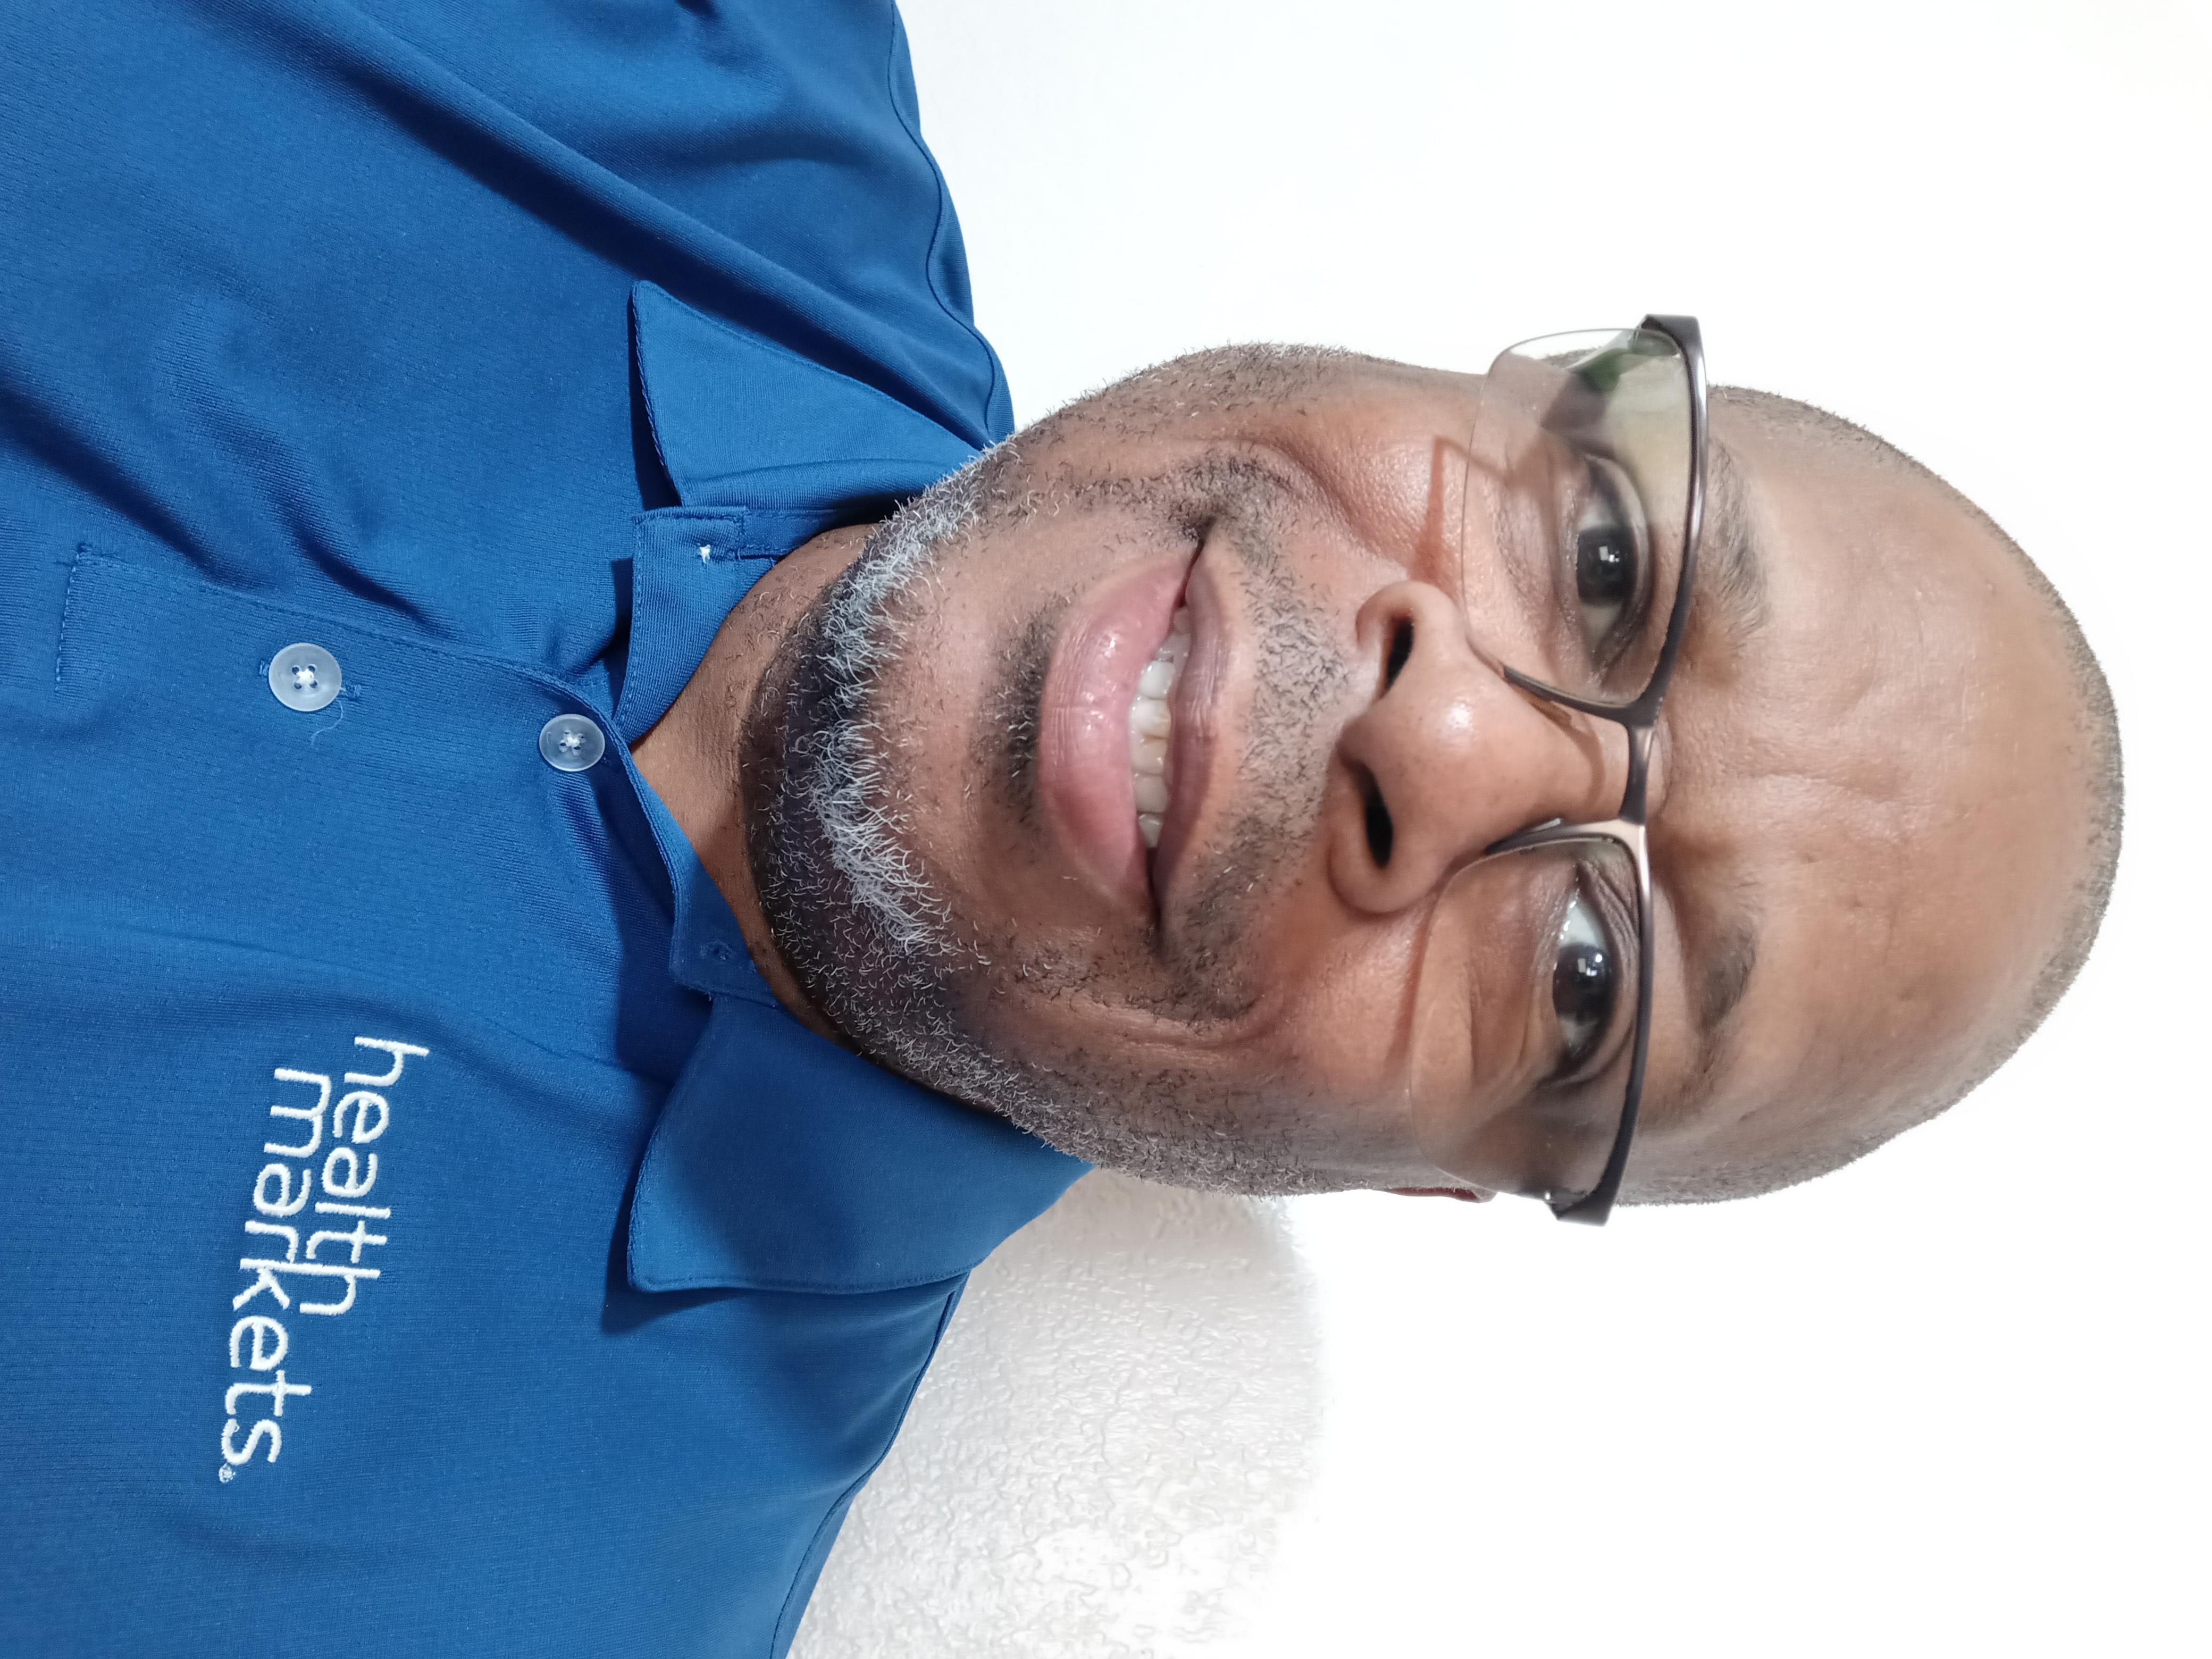 Keith Gilbert | Health and Life Insurance Agent | Mesa, AZ 85210